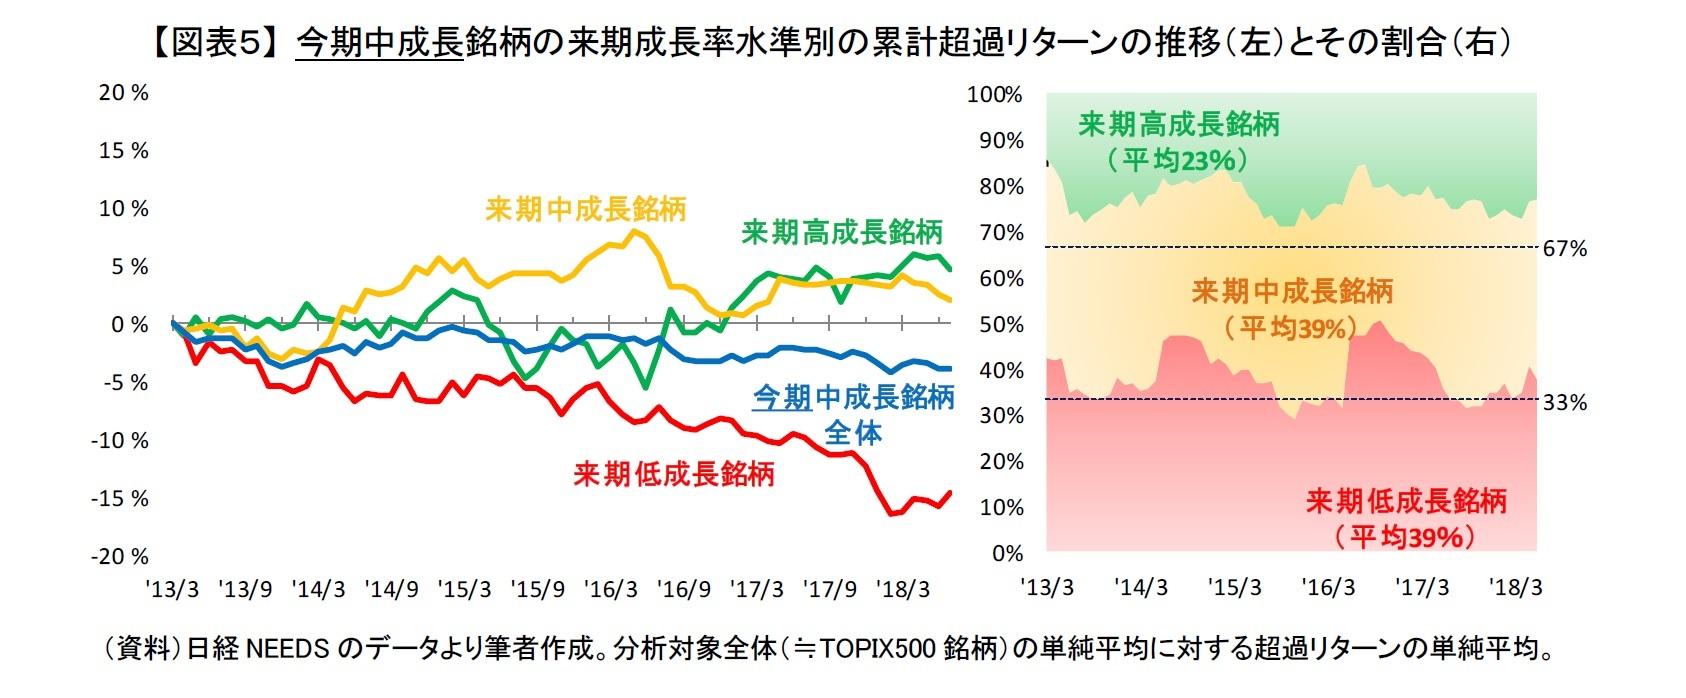 【図表5】 今期中成長銘柄の来期成長率水準別の累計超過リターンの推移(左)とその割合(右)